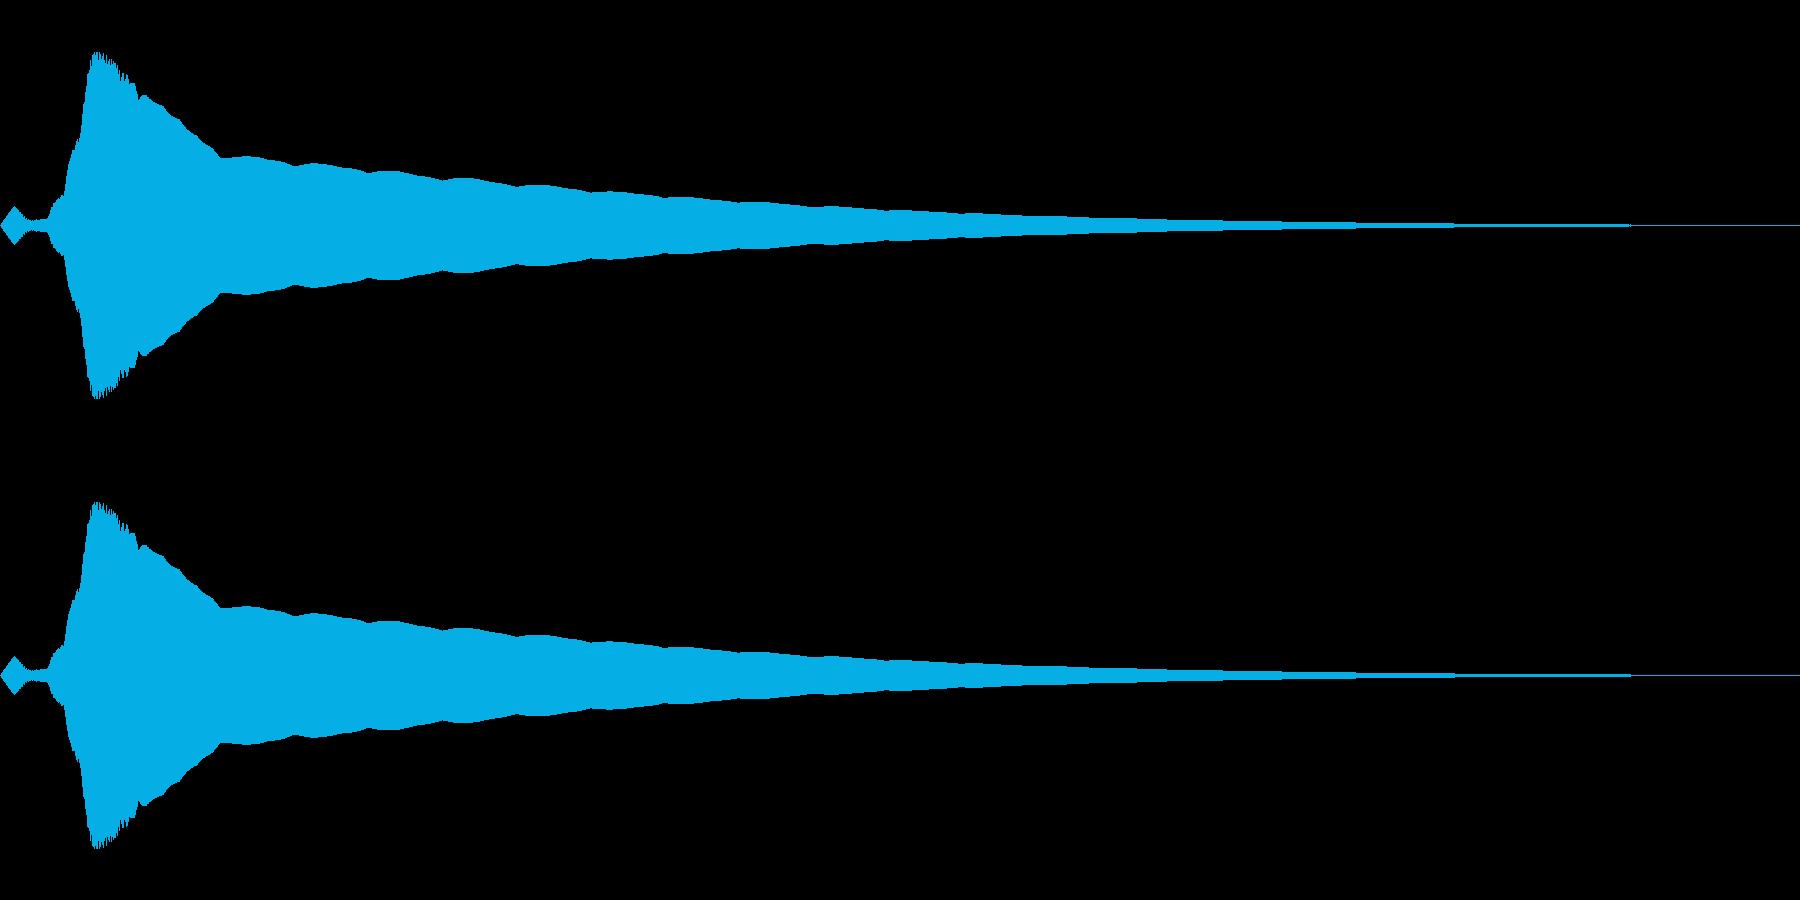 強調音、クリック音など(ピキーン)の再生済みの波形